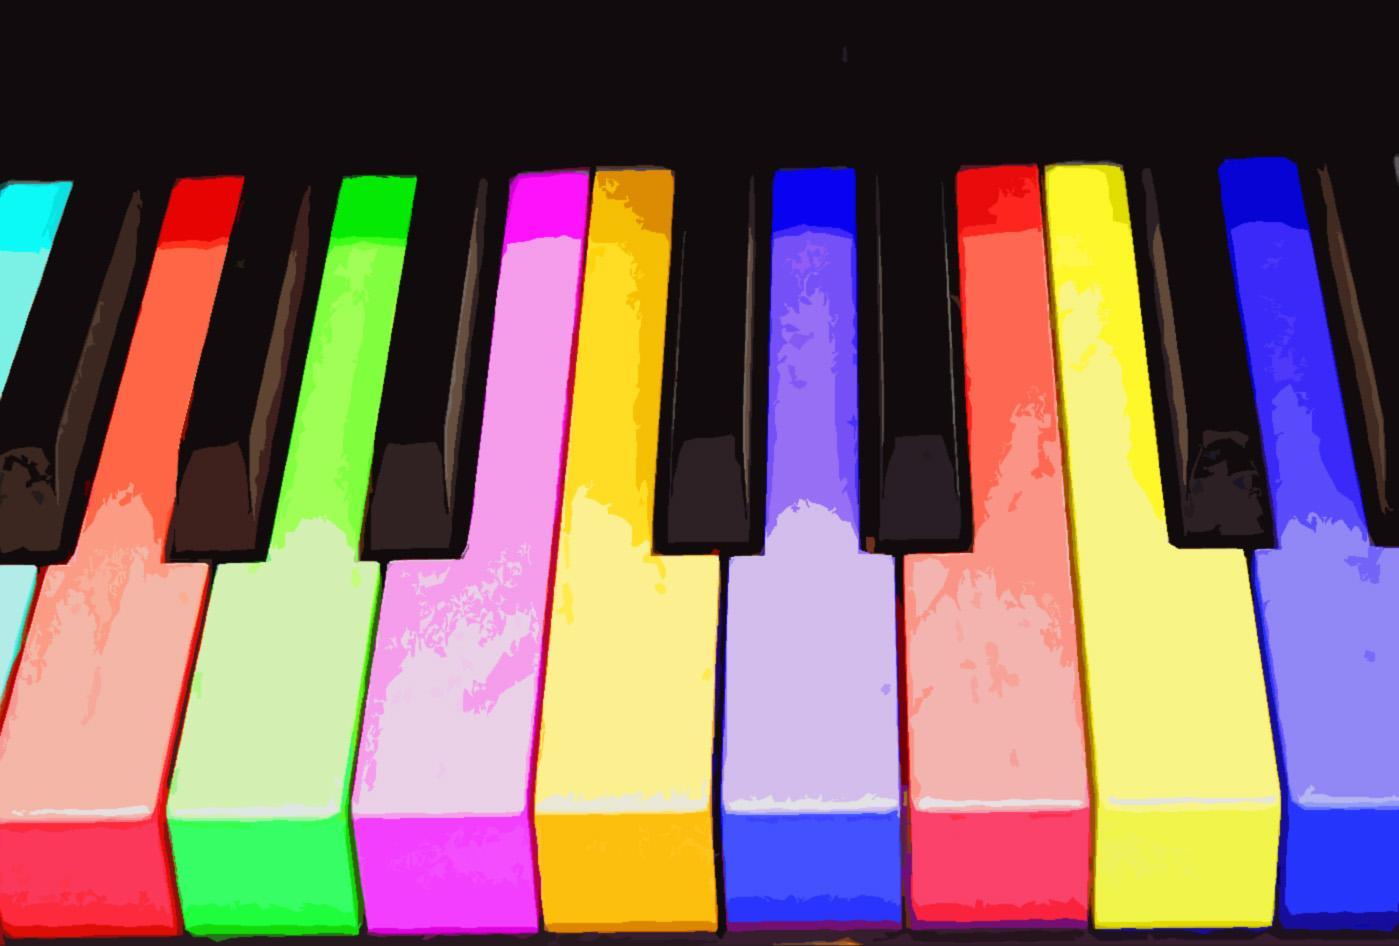 piano993